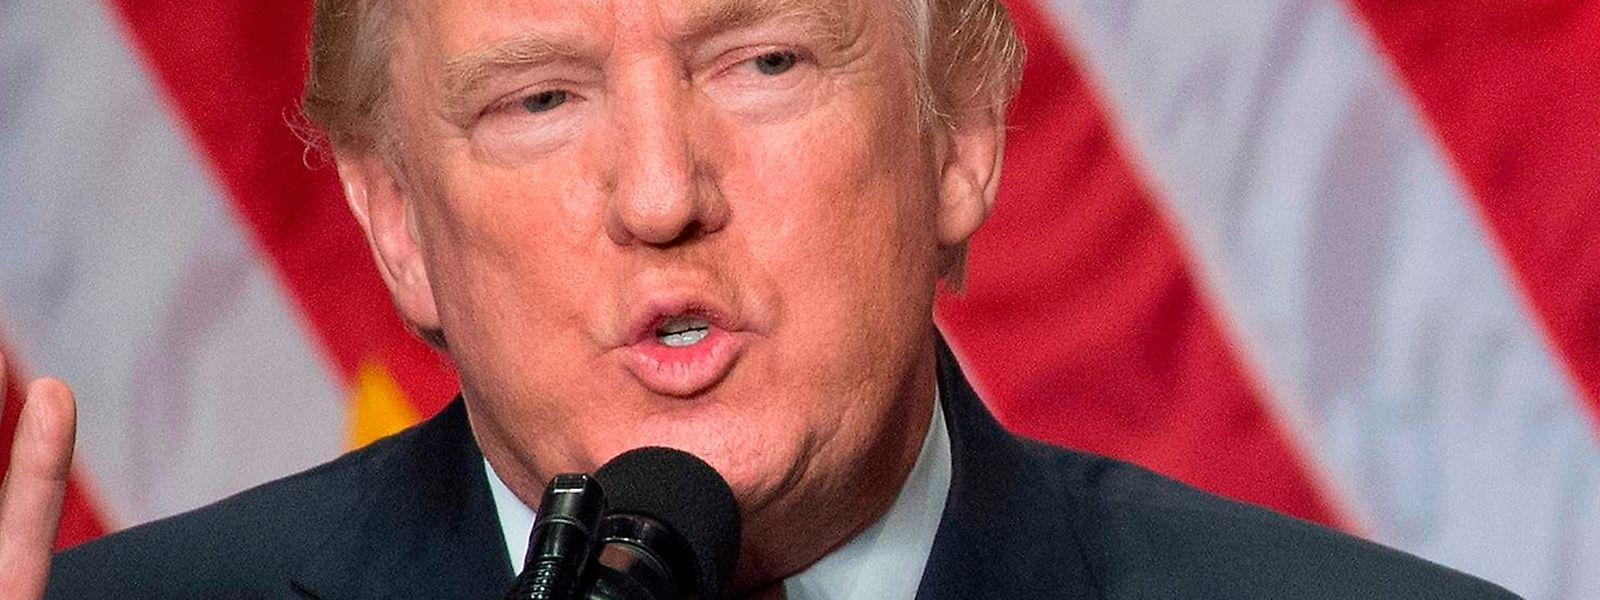 """In einer Rede zu seiner nationalen Sicherheitsstrategie hat US-Präsident Donald Trump Russland und China als """"rivalisierende Mächte"""" bezeichnet."""